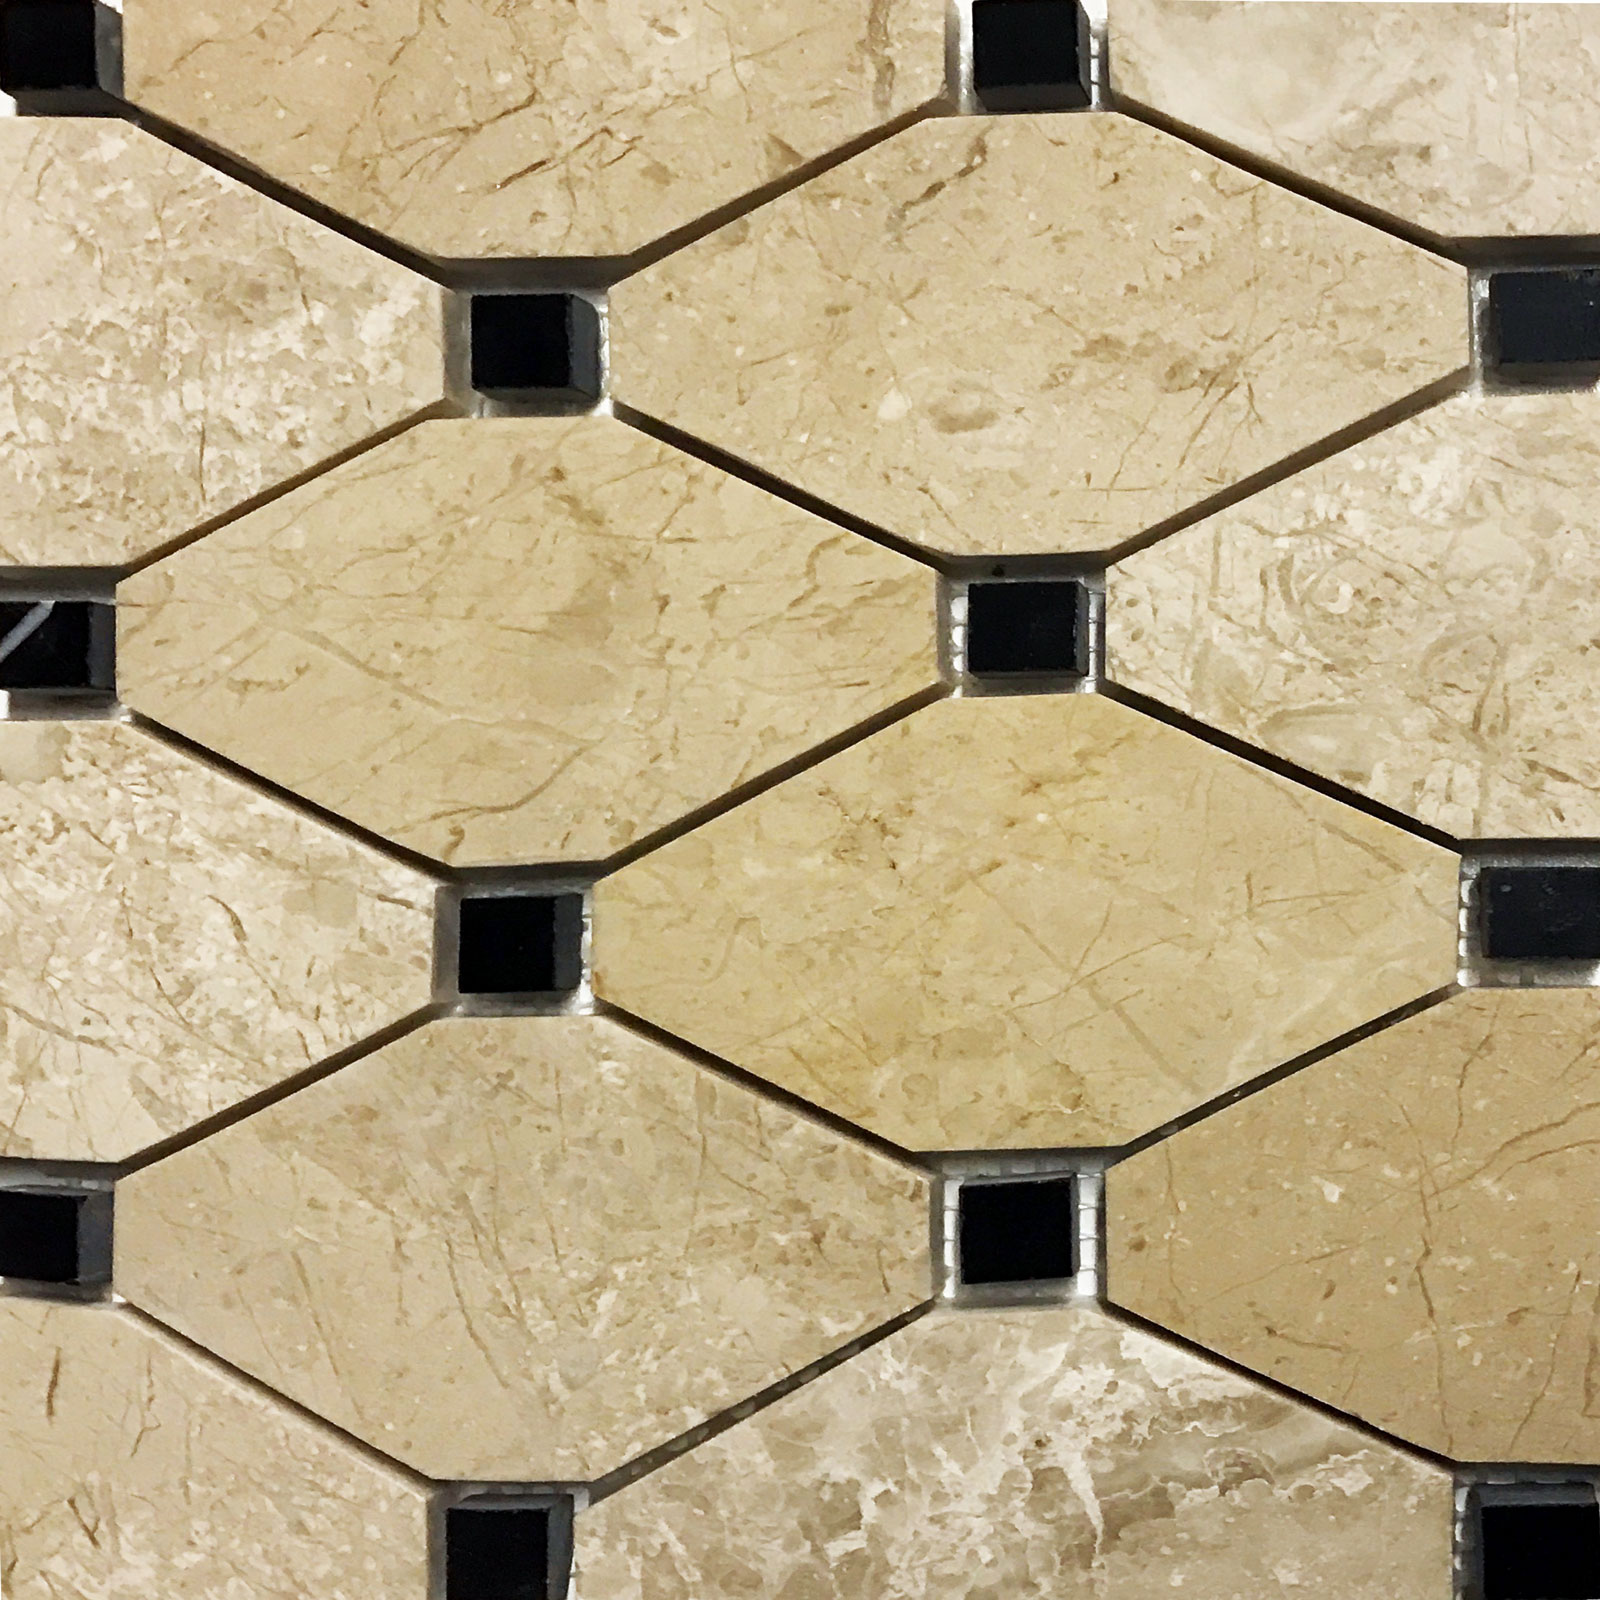 Boliche Mosaic Tile Beige Marfil Marble Black Polished